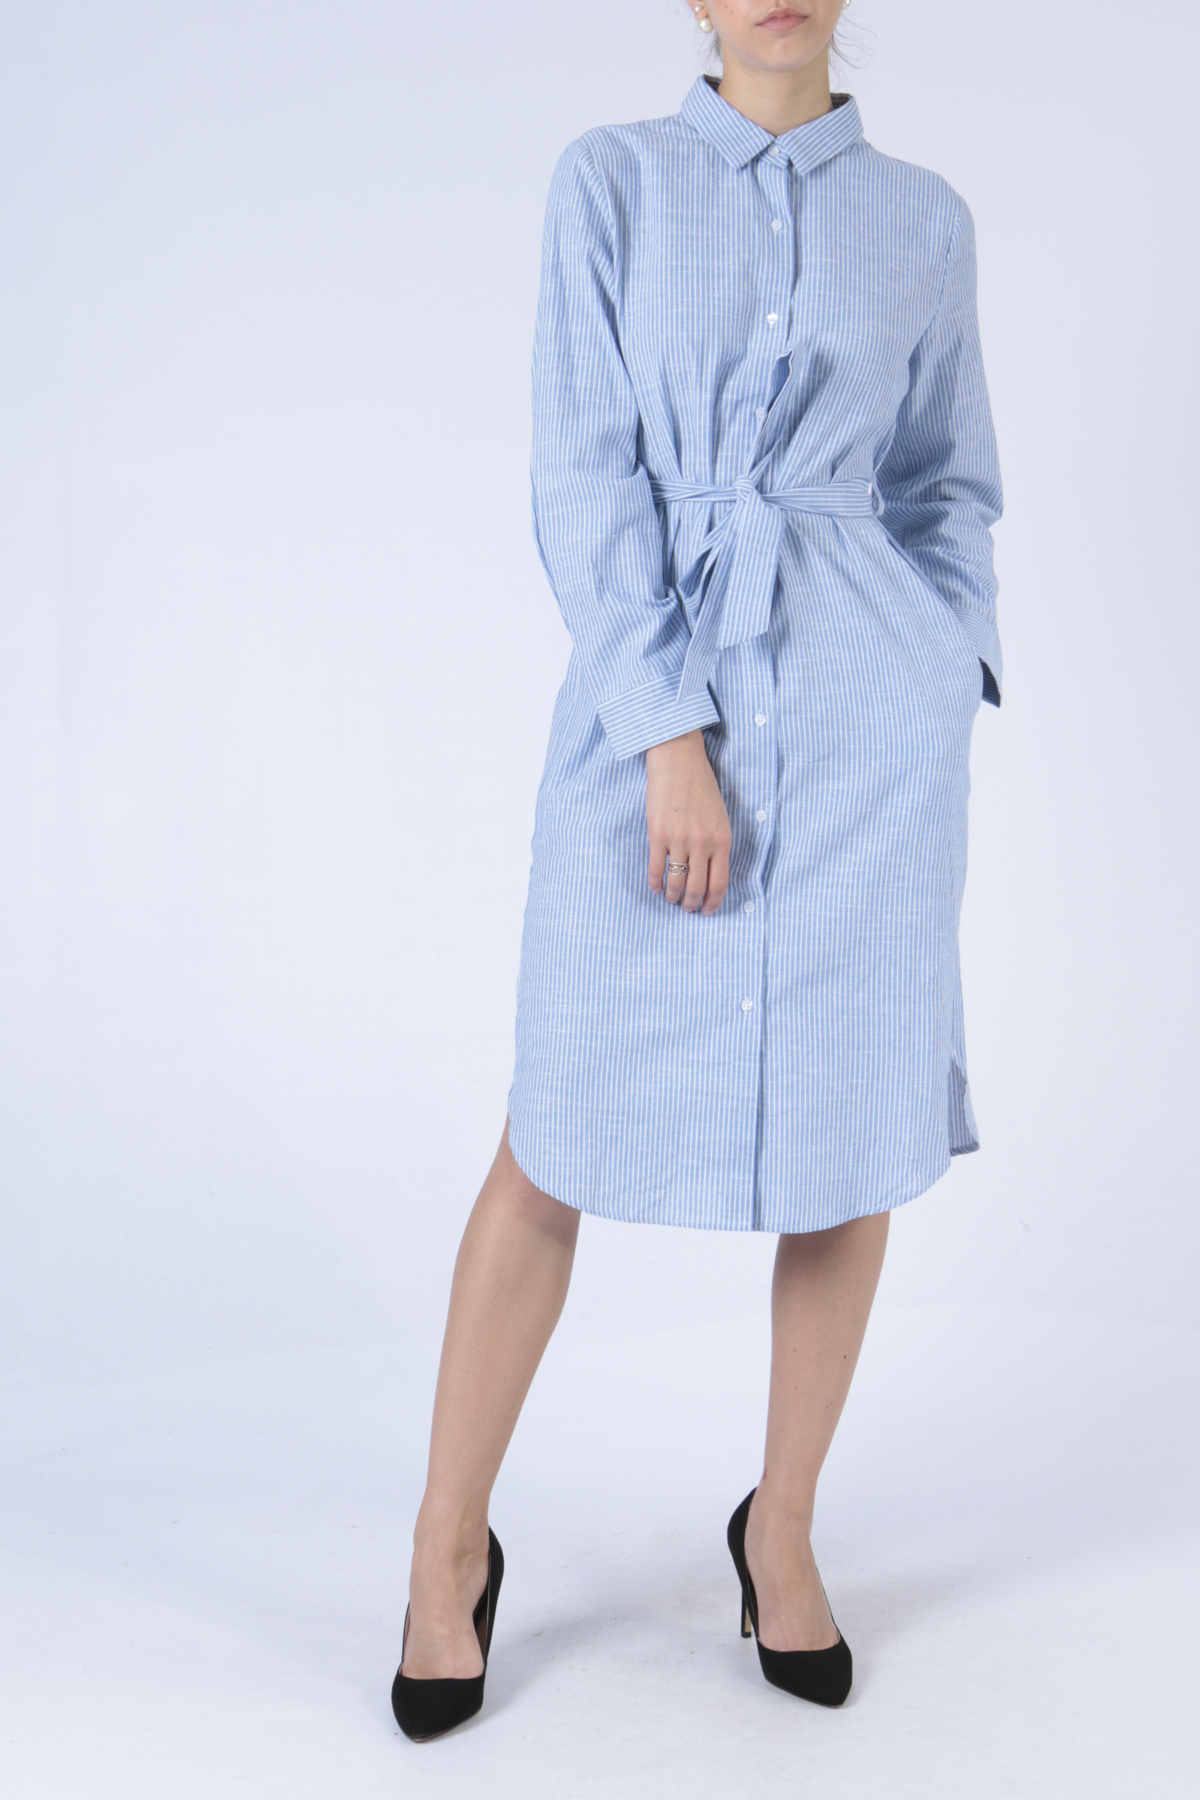 Robes mi-longues Femme Bleu Sophyline 8054 #c eFashion Paris